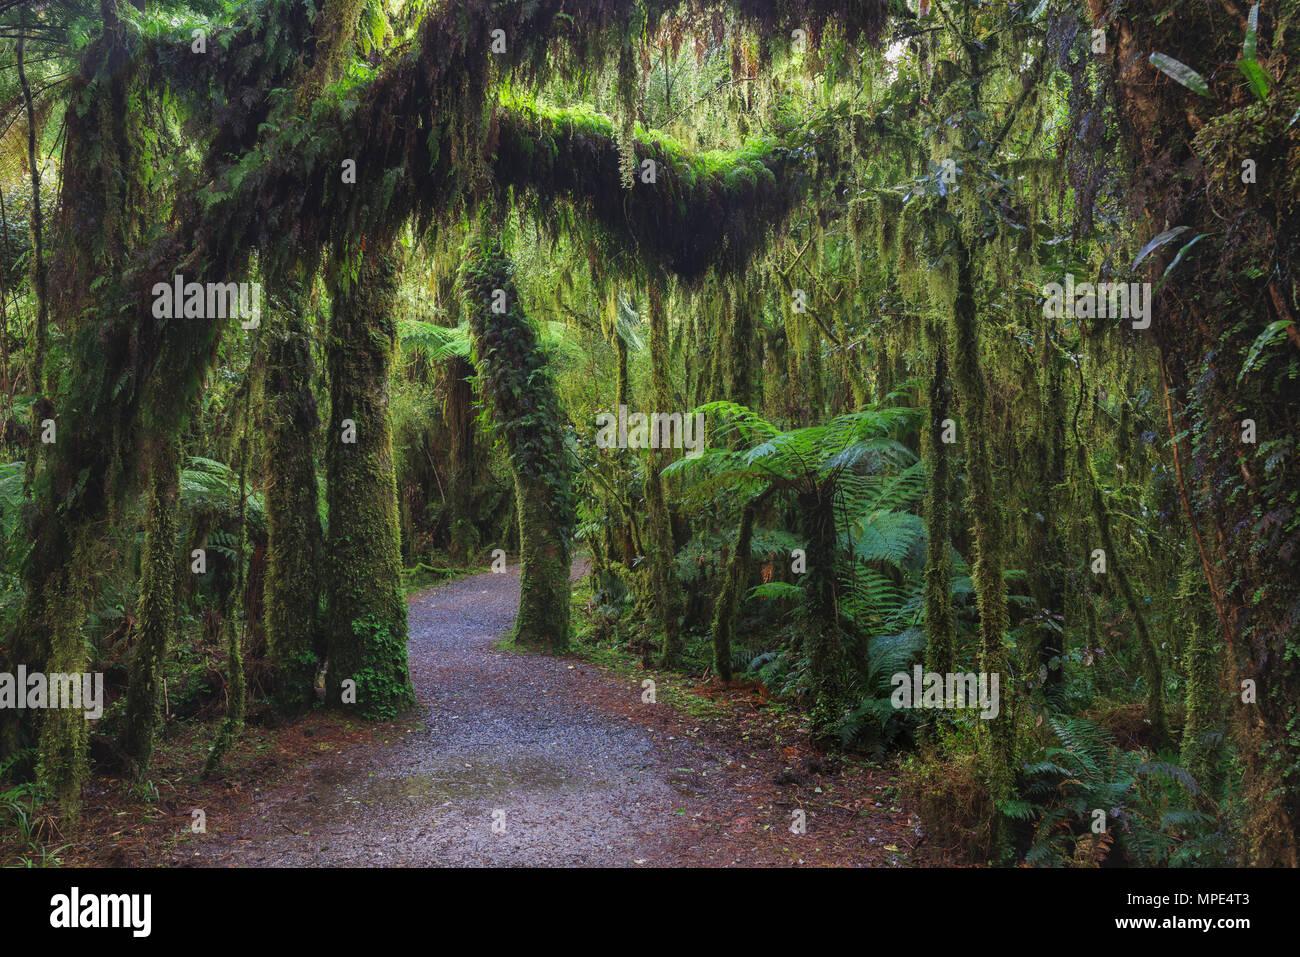 Nuova Zelanda Foresta pluviale paesaggio Dettagli foto Immagini Stock